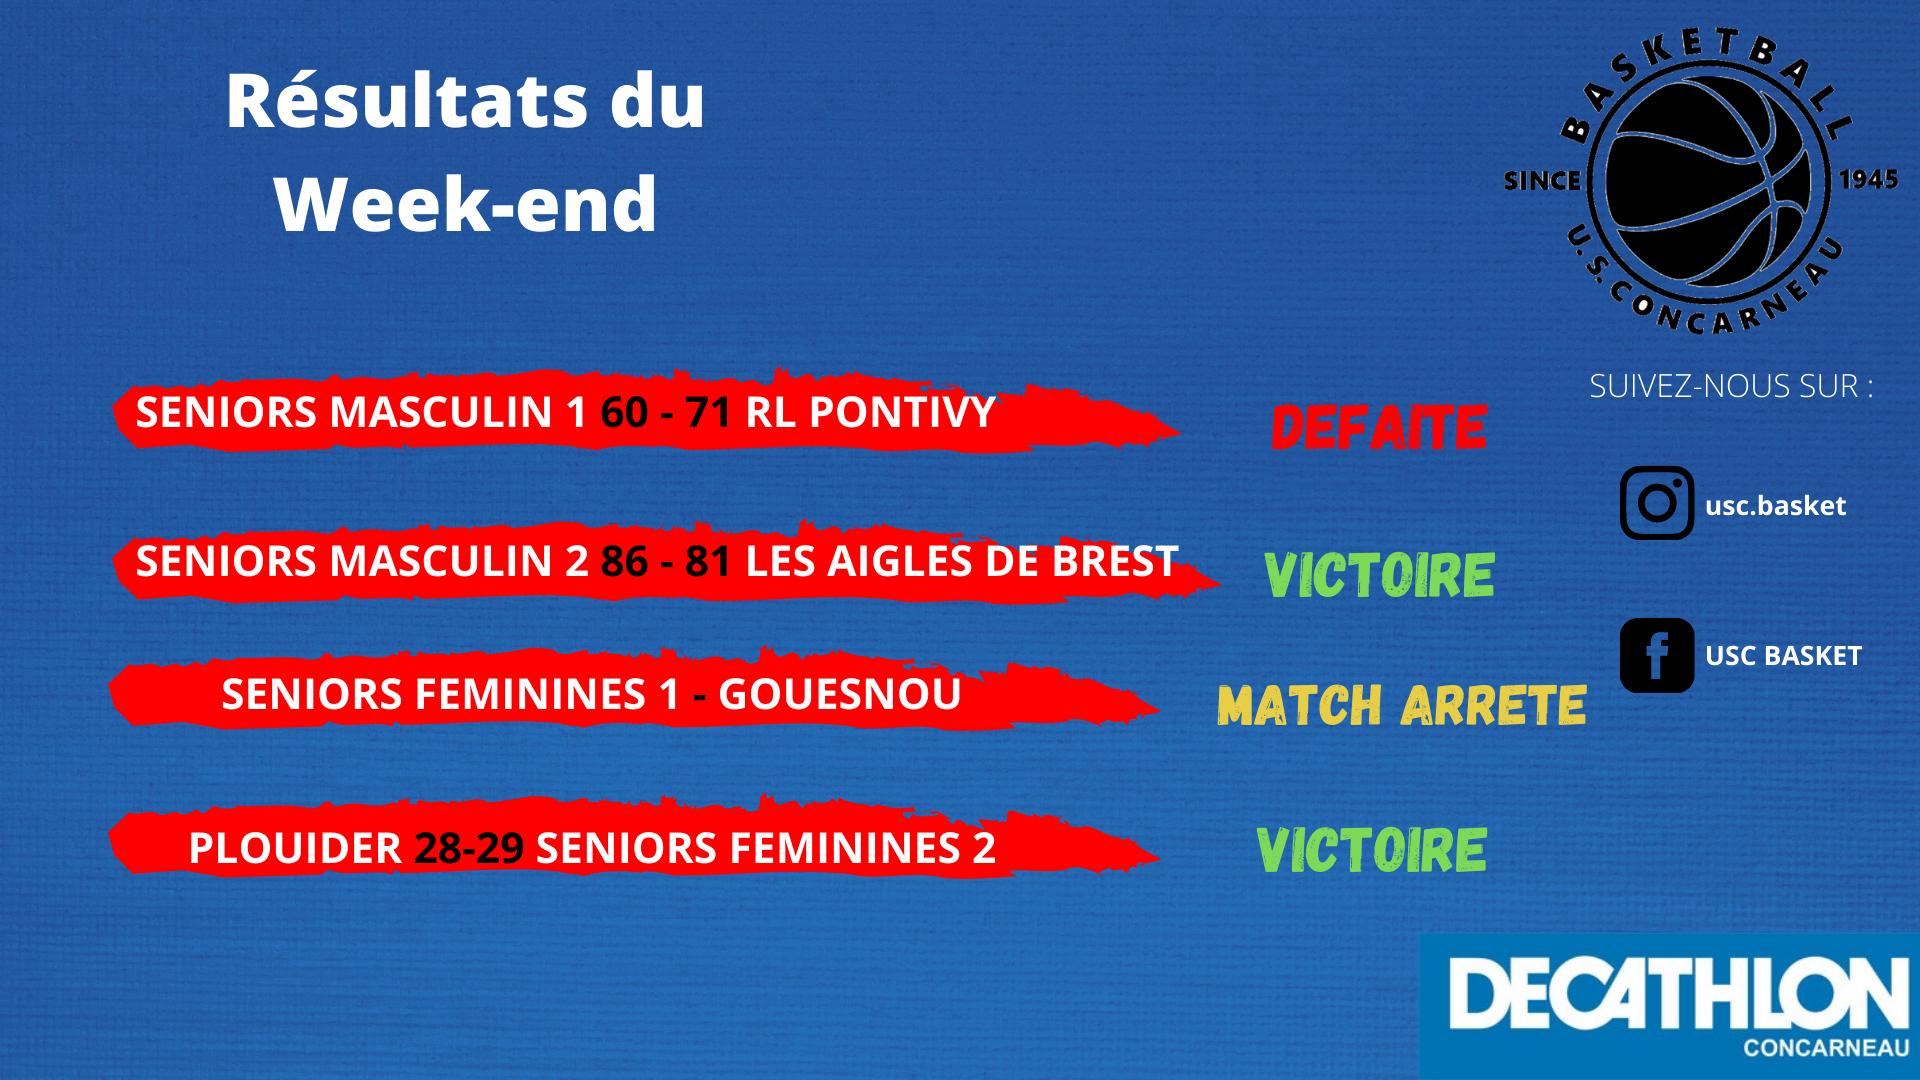 Resultats du week end 10-11